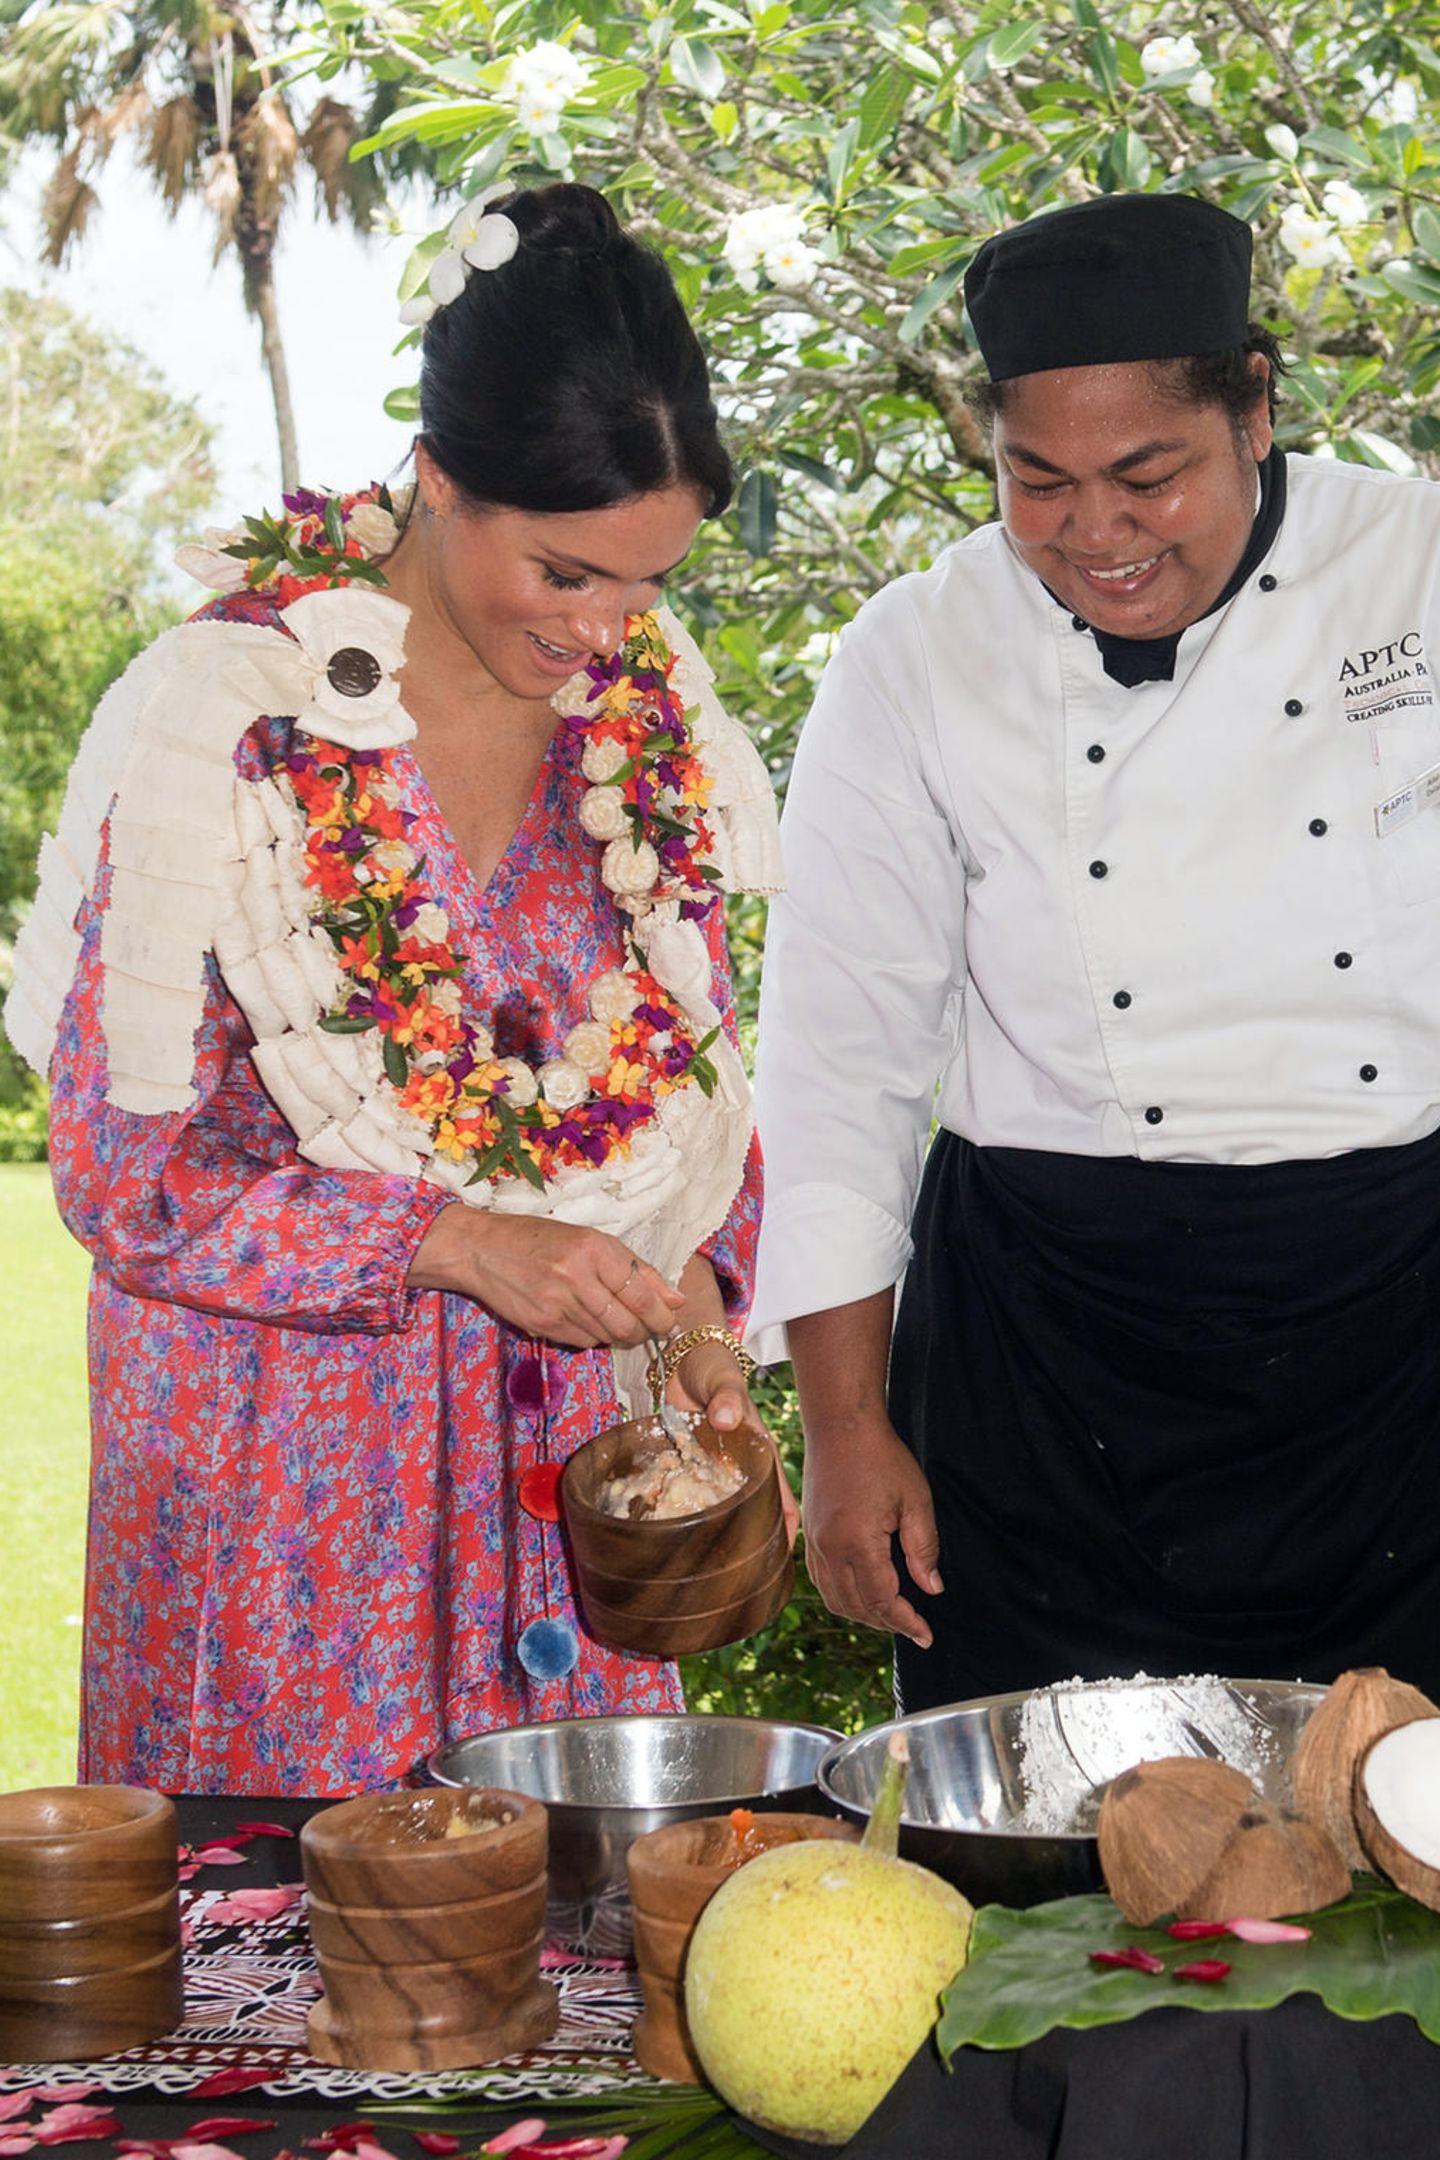 Die britische Botschaft in Suva lädt Herzogin Meghan zu demmorgendlichen Empfang ein, bei dem sie der Küchenhilfe gerne zur Seite steht und bei der Zubereitung hilft. Denn Fans der ehemaligen Schauspielerin wissen: Sie ist ein Foodie durch und durch und wahnsinnig interessiert an Essen und Trinken.